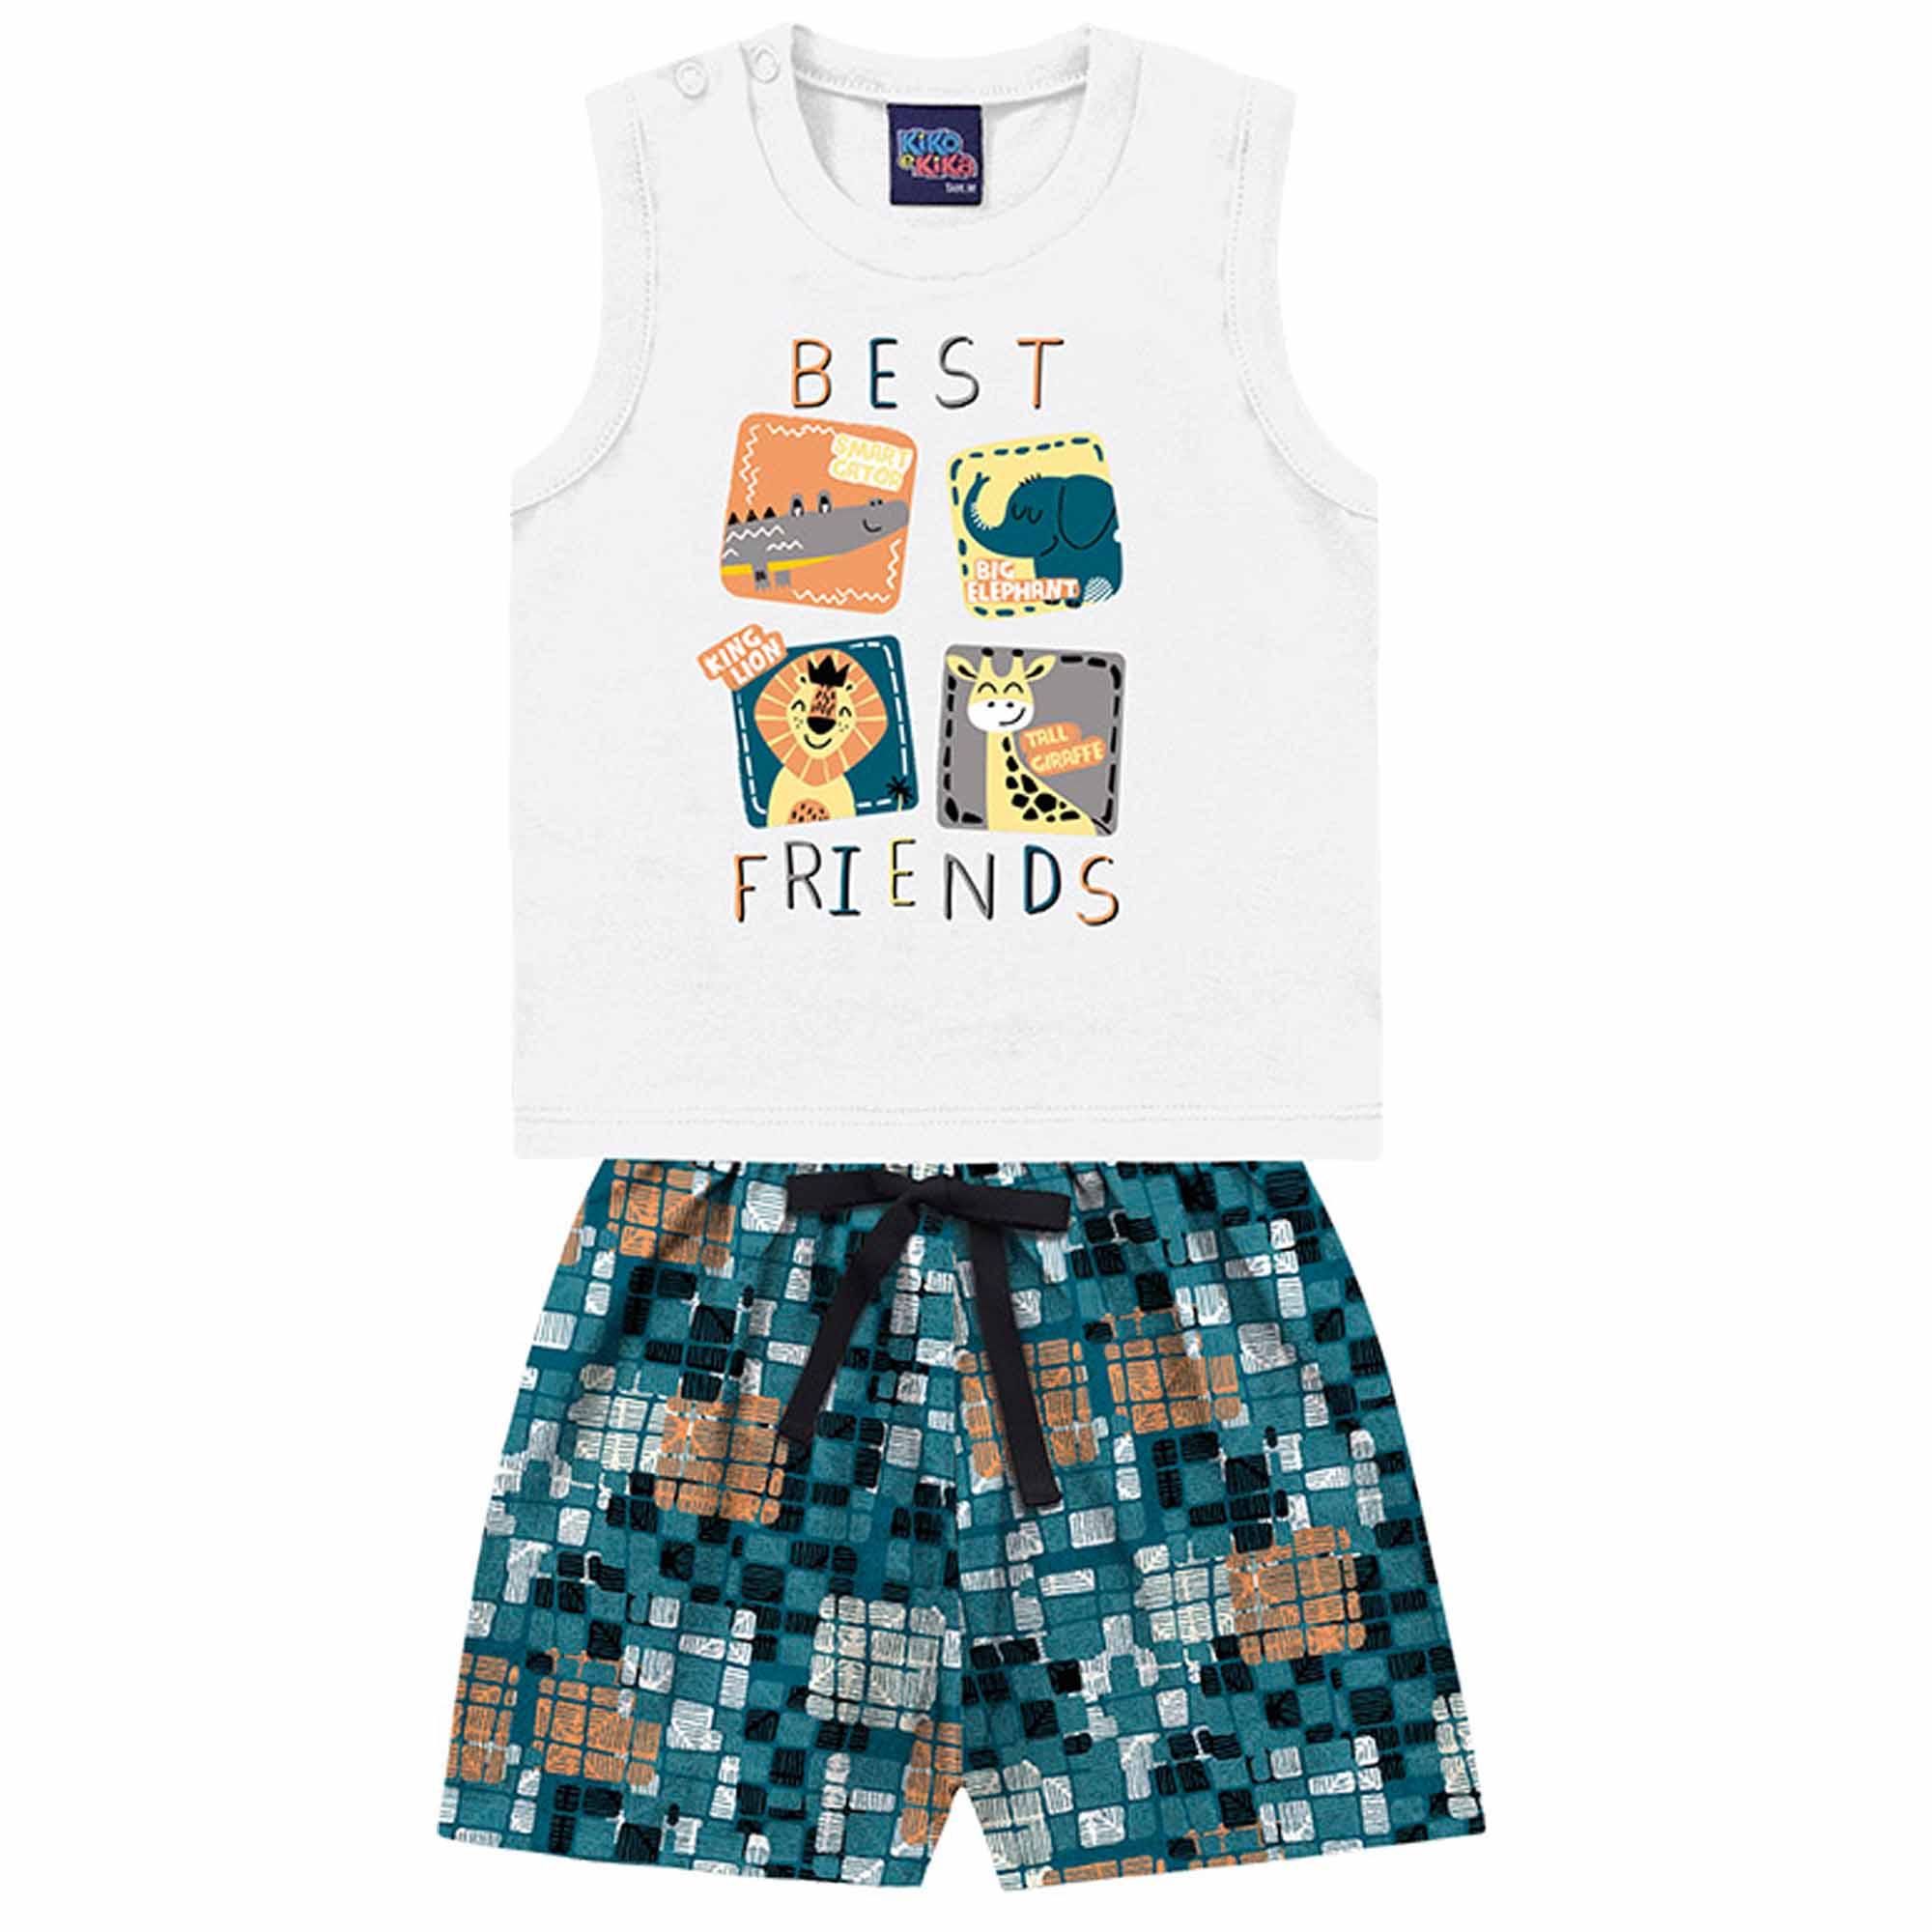 Conjunto Verão Kiko e Kika Regata e Bermuda - Animais Best Friends - P ao G